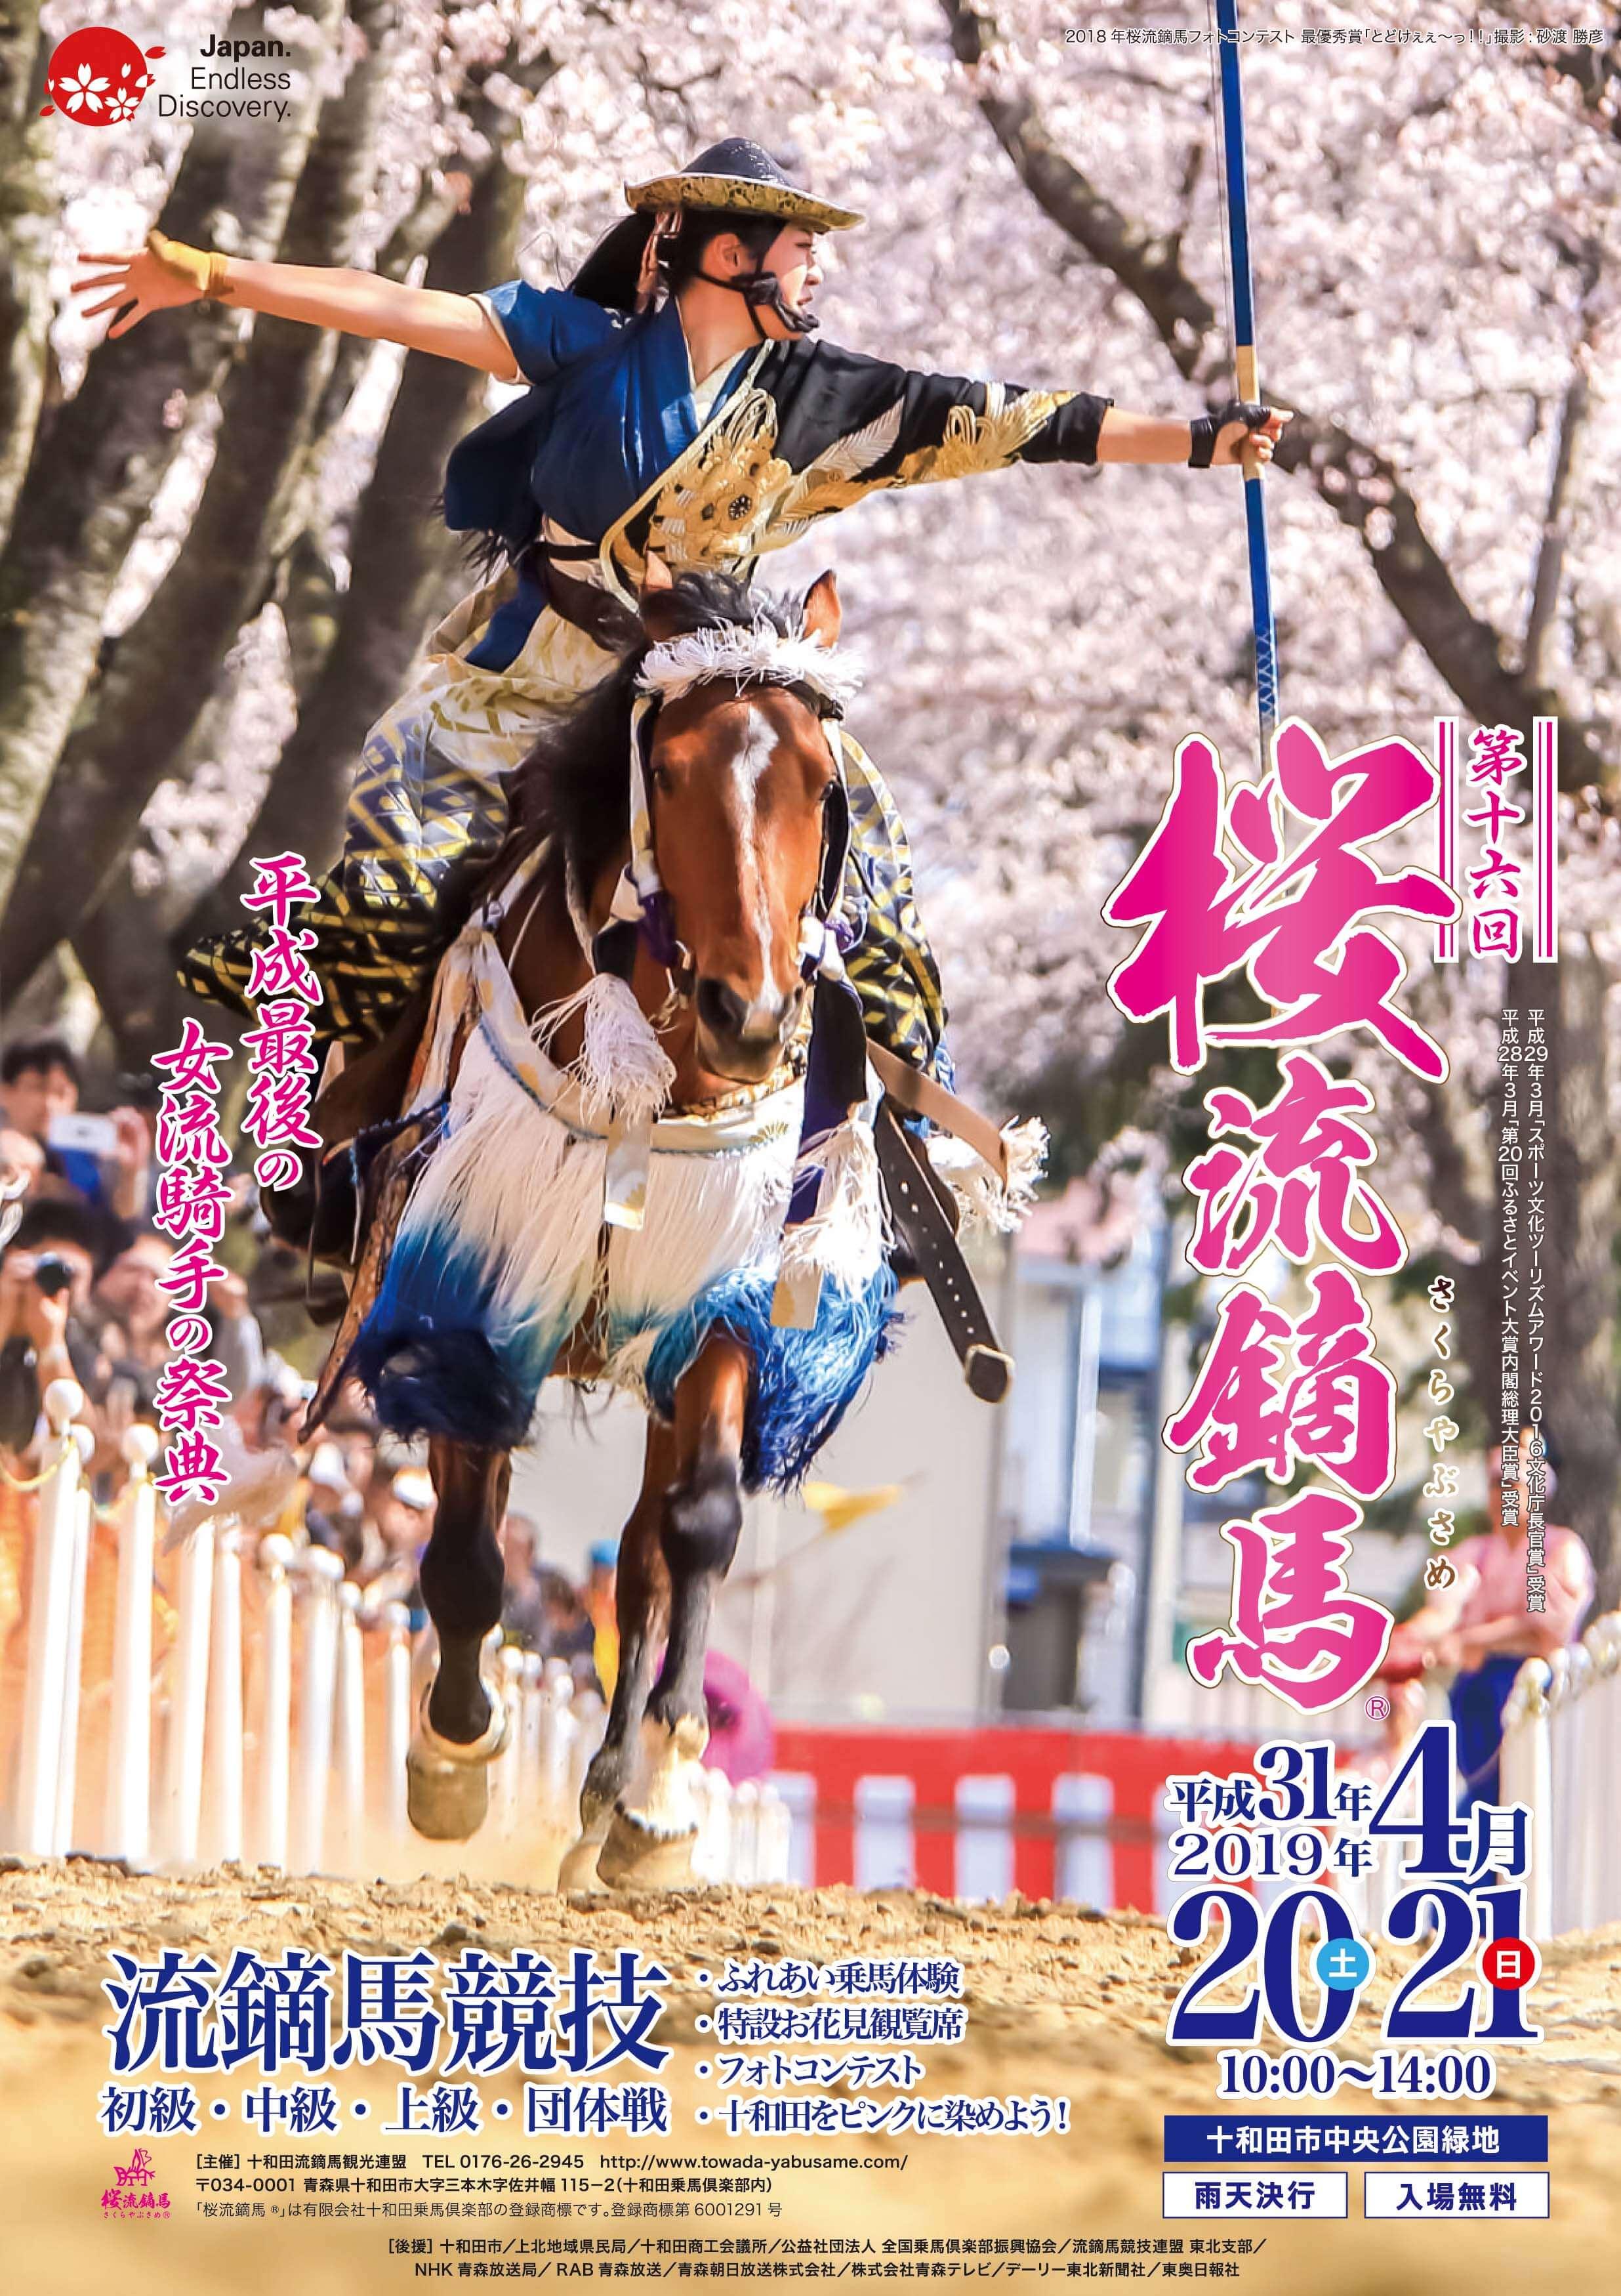 女性騎士の戦い 桜流鏑馬開催!!